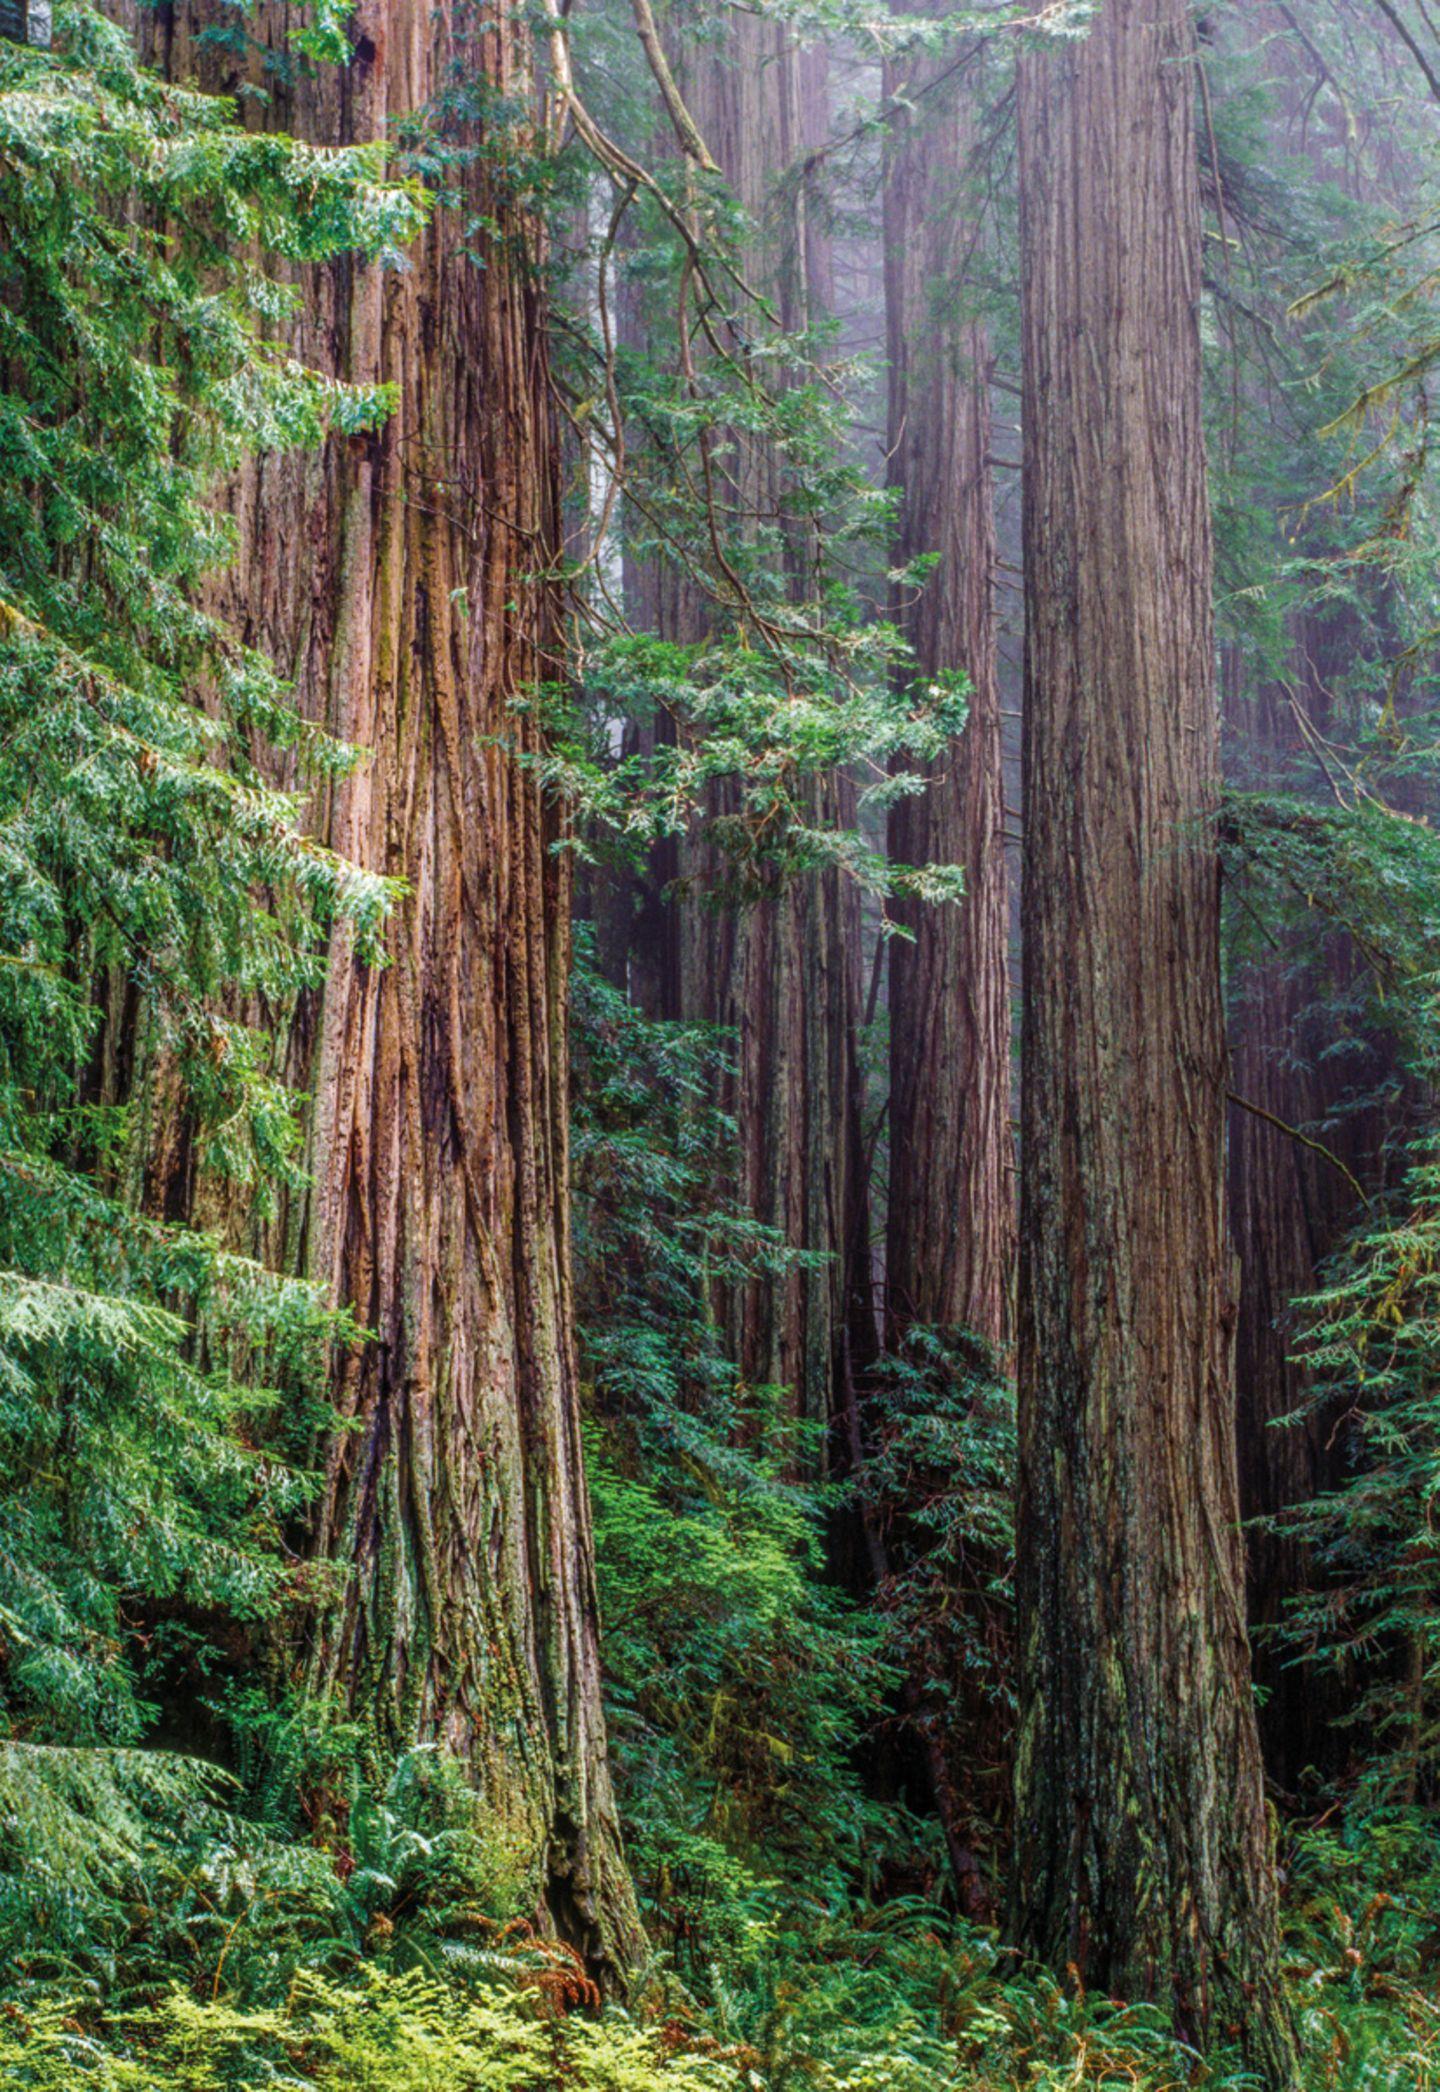 Küstenmammutbäume (Sequoia sempervirens), Redwood National Park, Kalifornien, USA